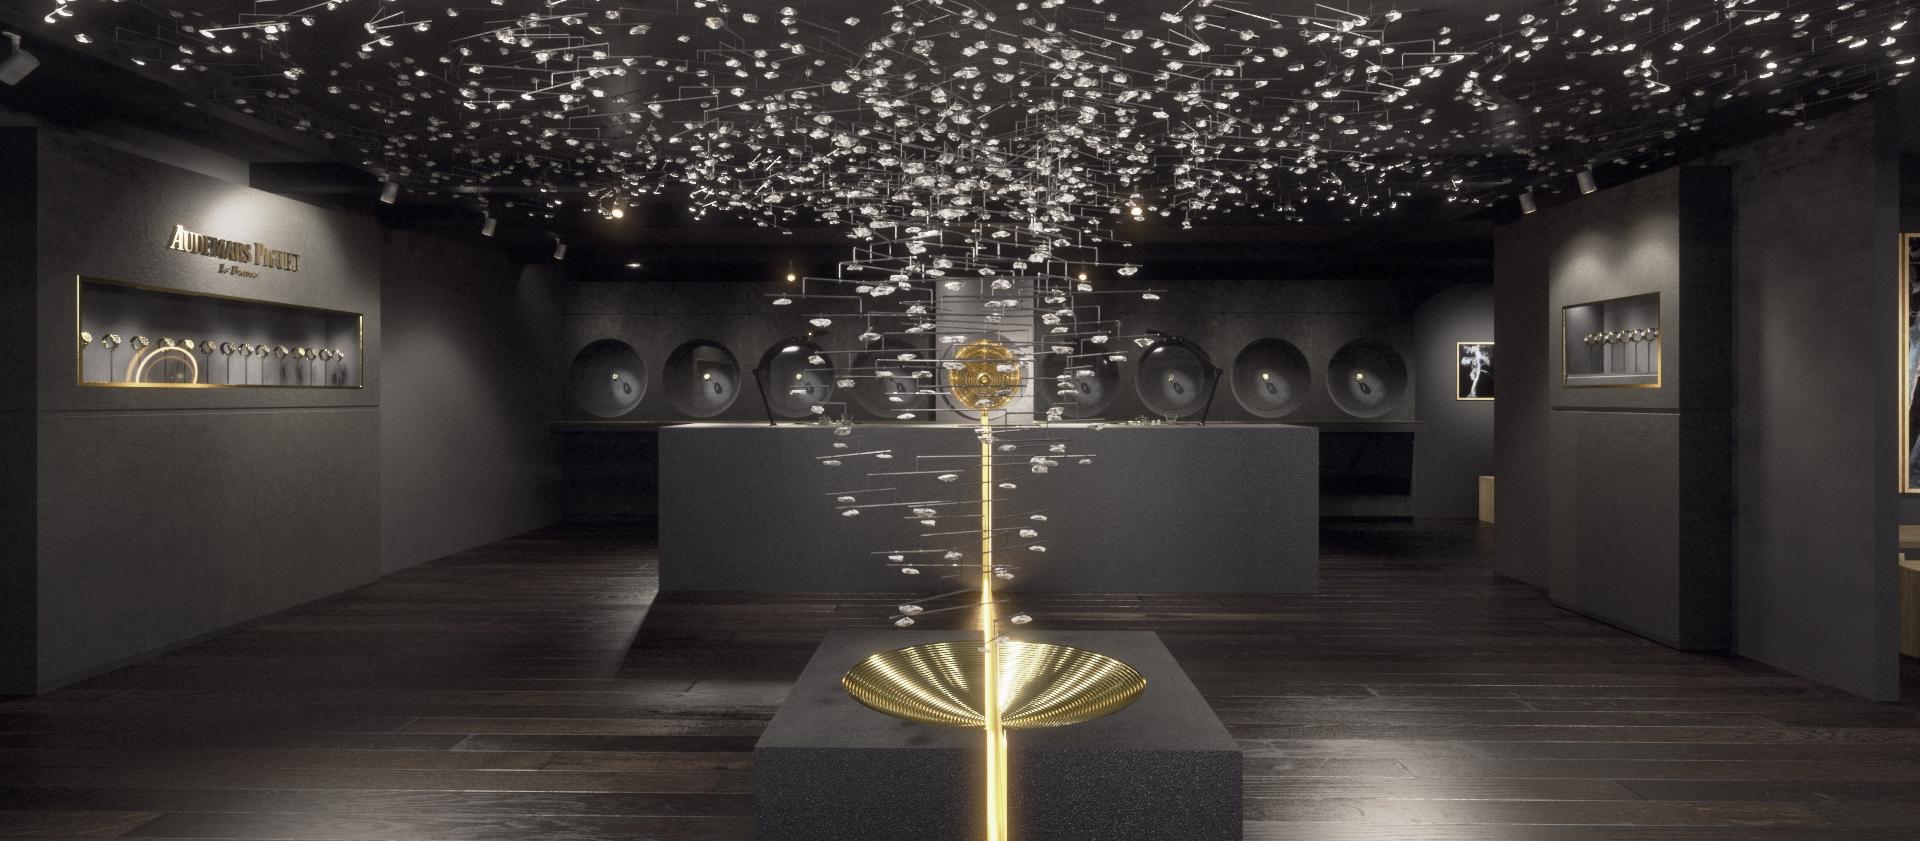 愛彼將於2018年巴塞爾藝術展香港展會揭曉Sebastian Errazuriz創作的會客廳設計最終篇章及Quayola 的全新藝術作品